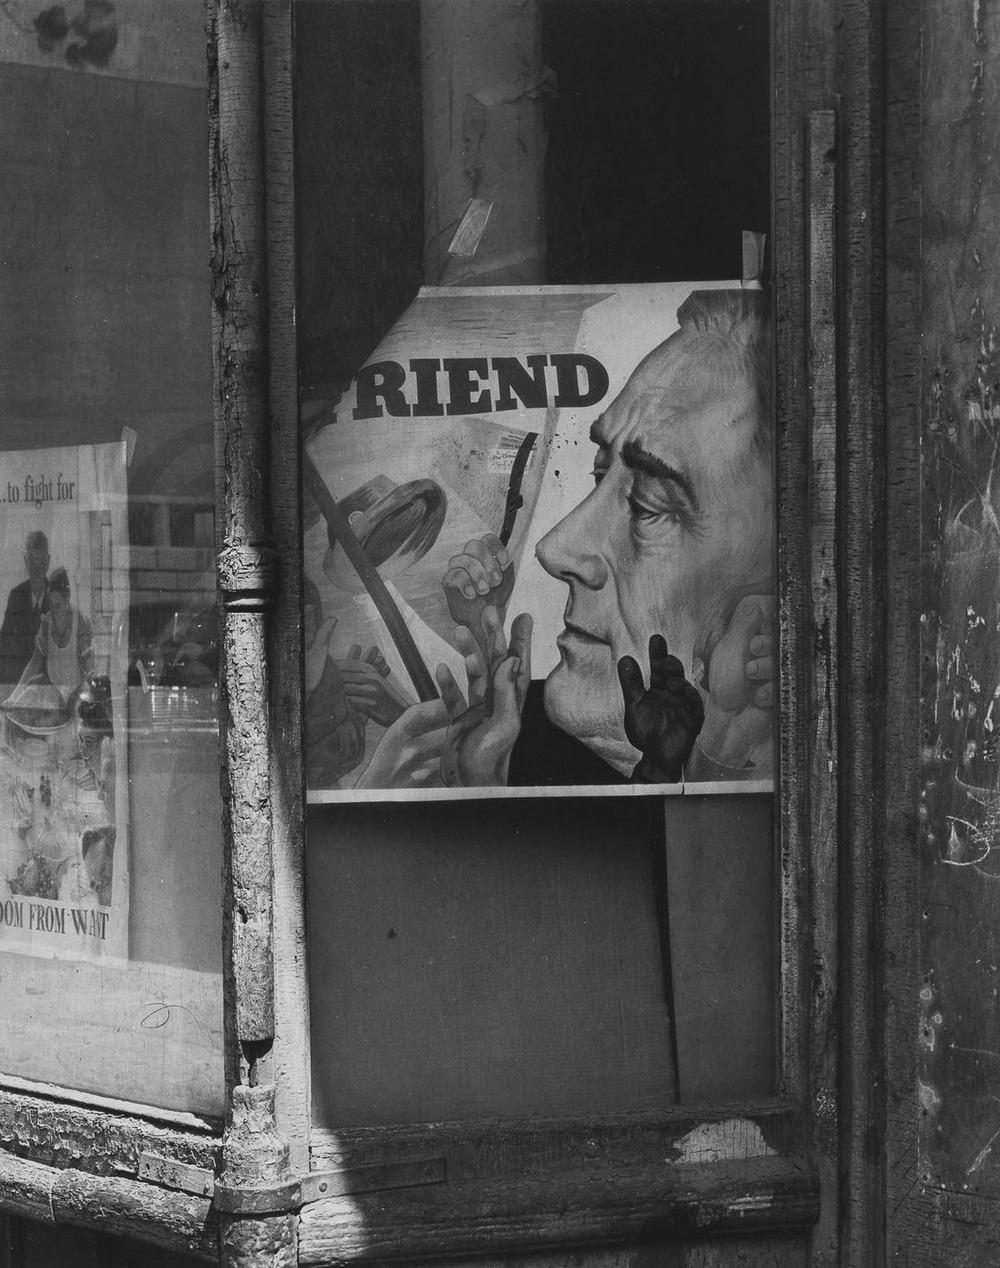 Тодд Уэбб - культовый уличный фотограф, который не захотел становиться знаменитым 31